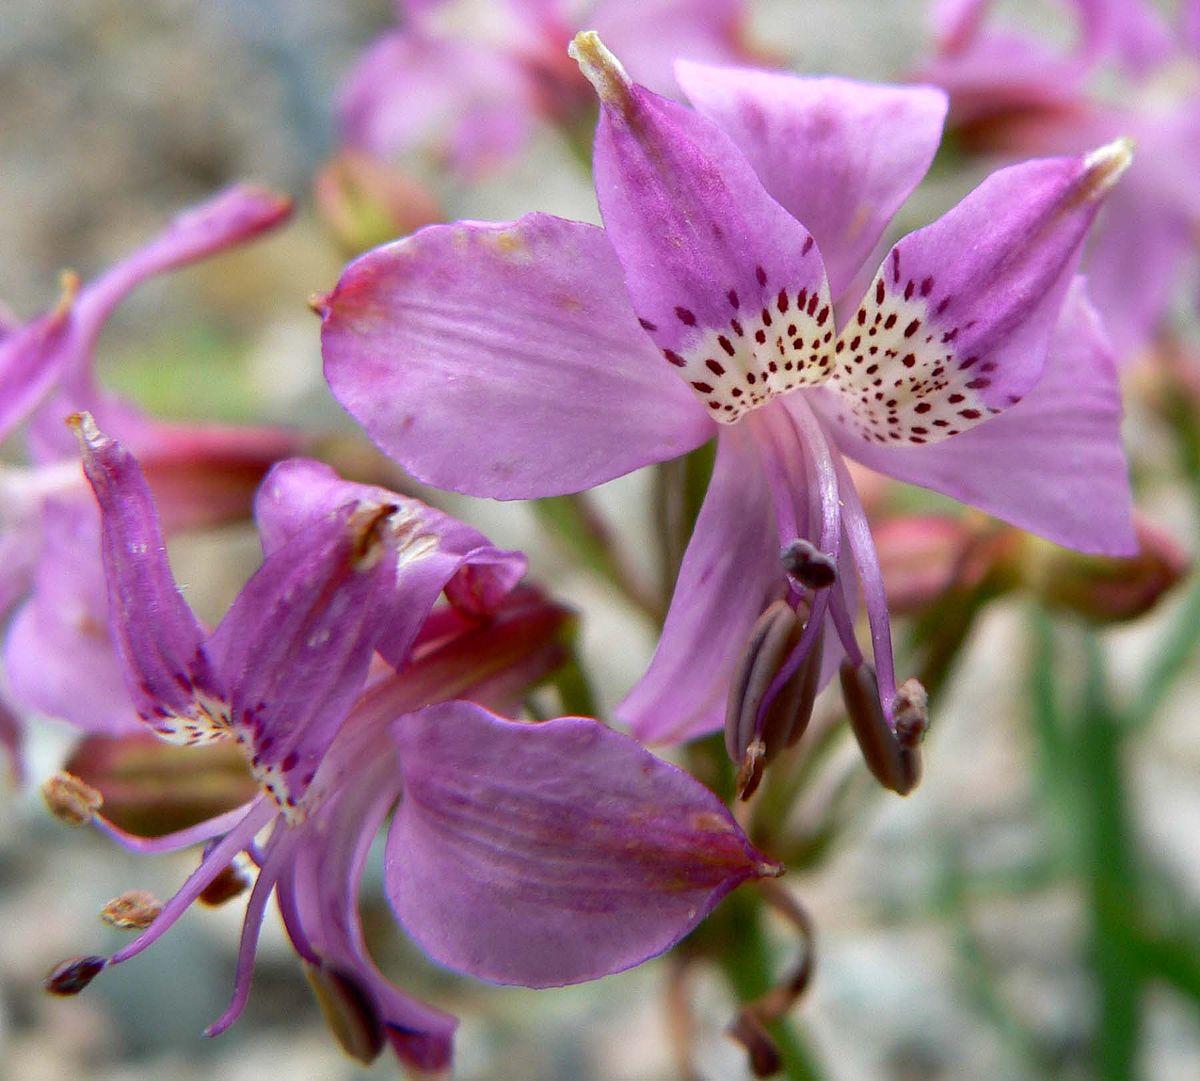 Названия различных цветков